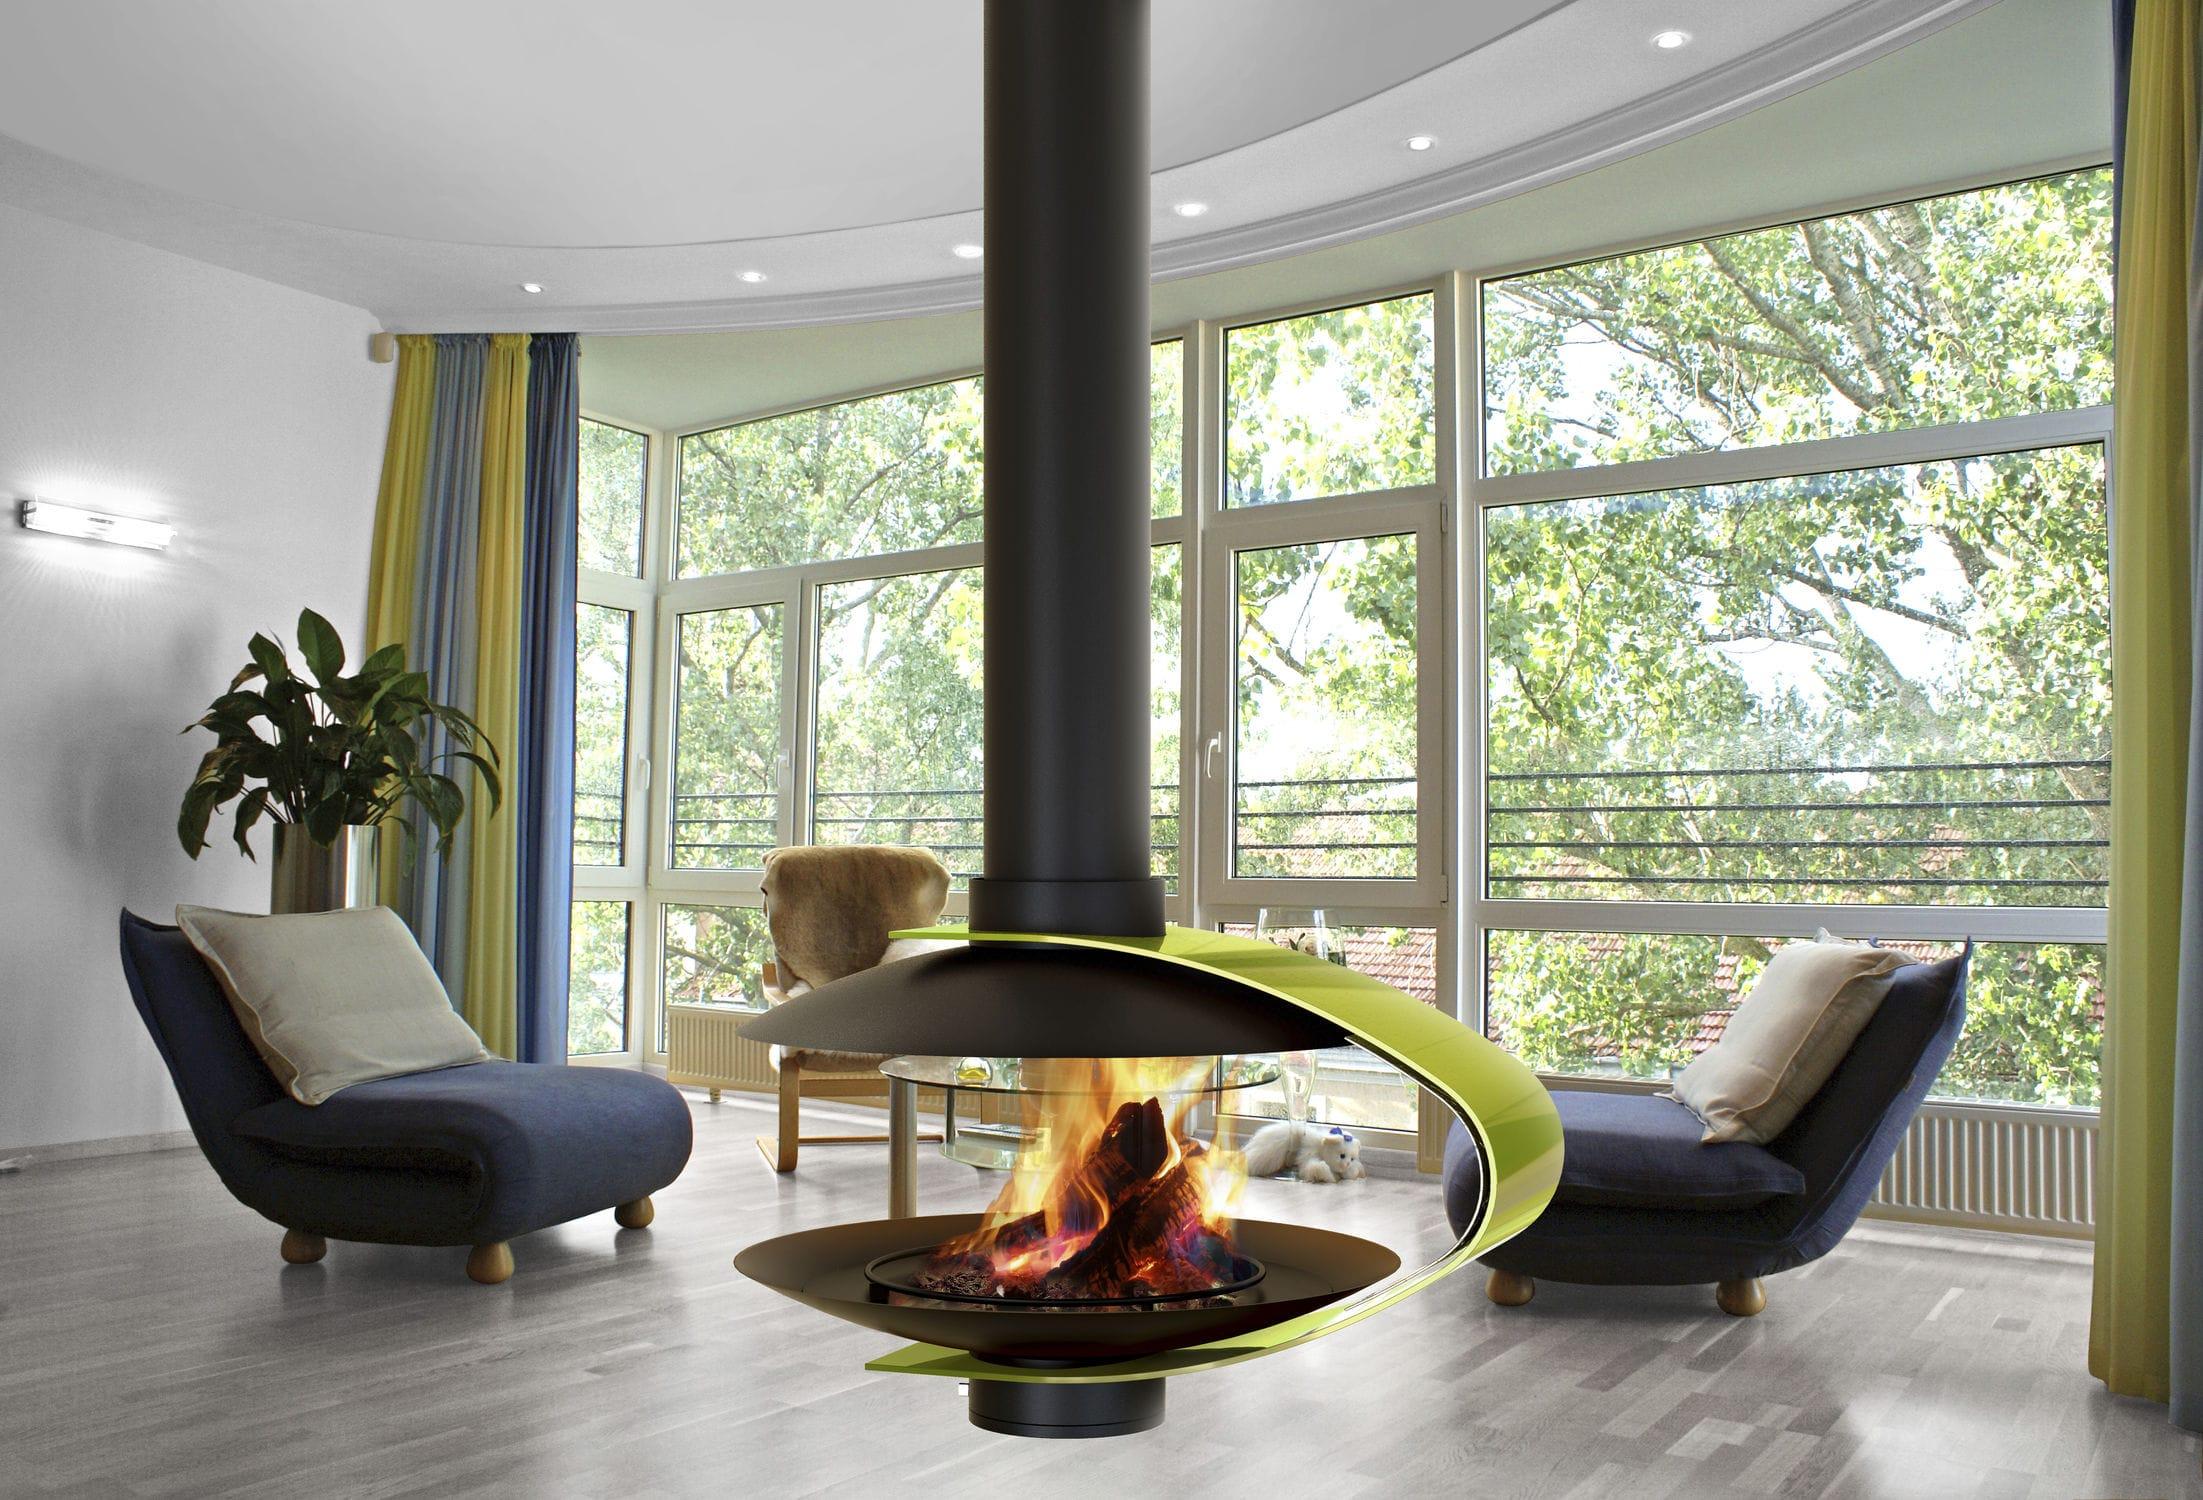 Offene Feuerstelle Wohnzimmer wohnzimmer ideen mit kamin modell moderne feuerstellen kachelöfen